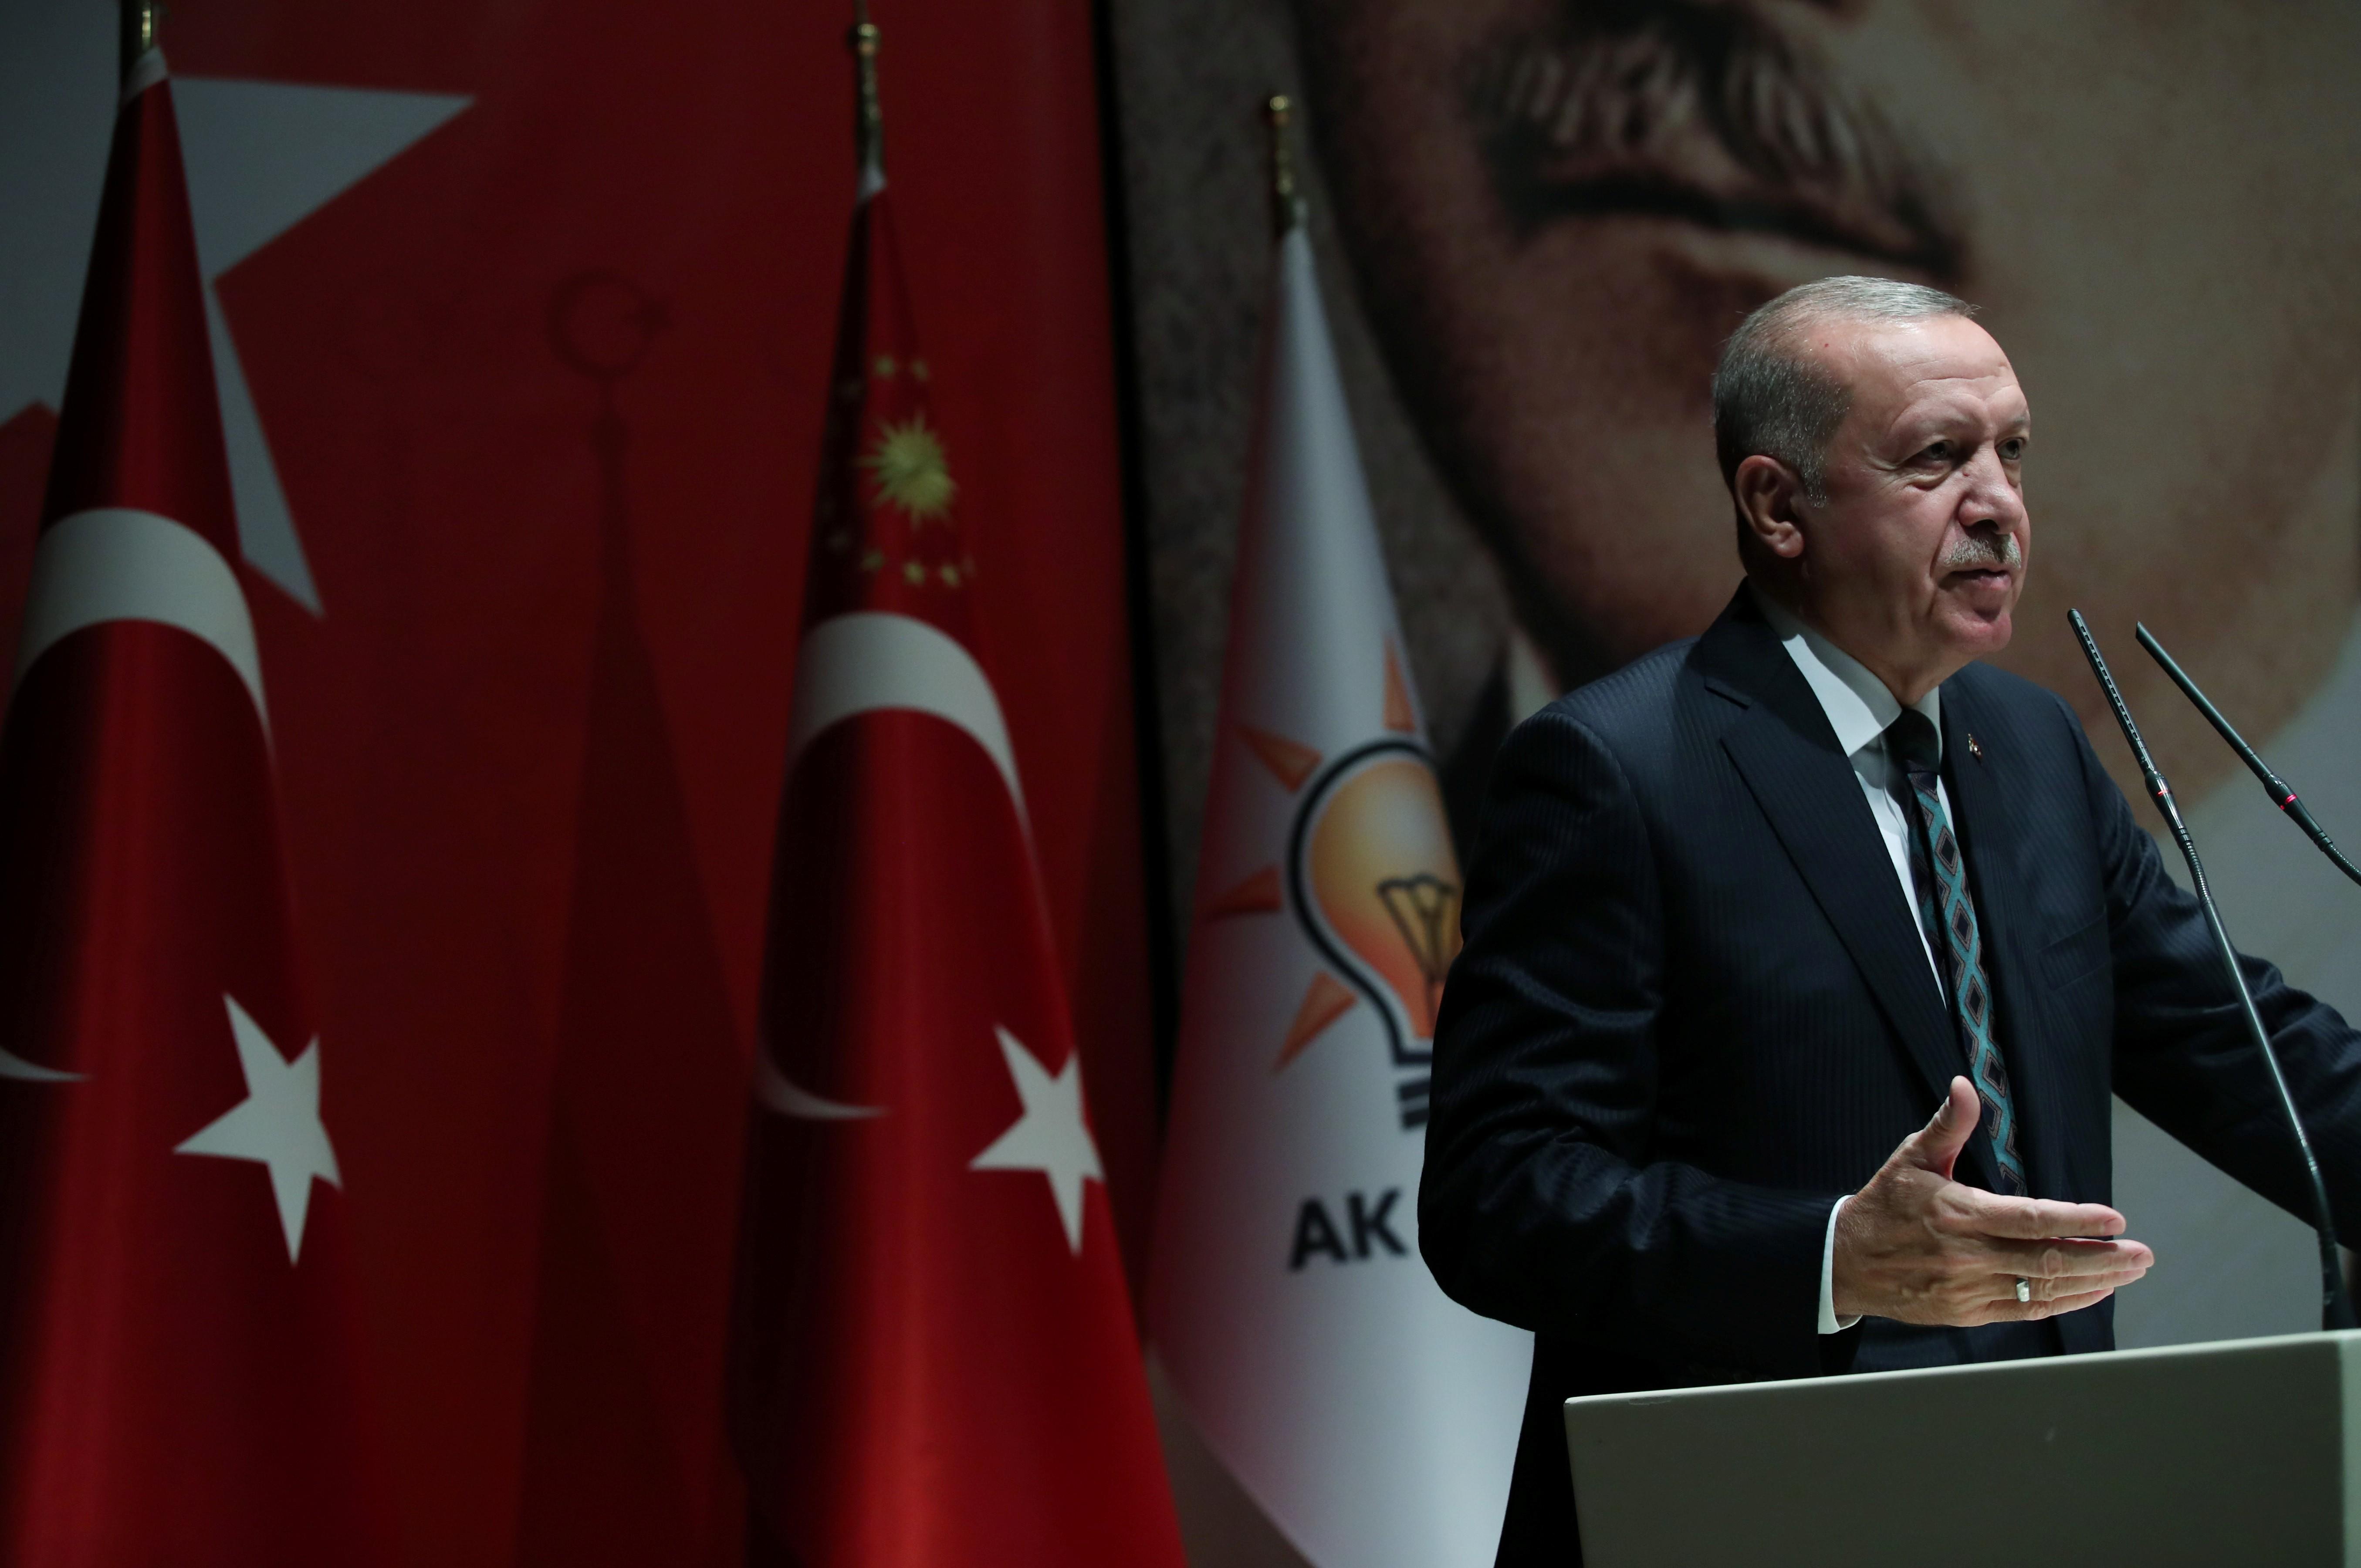 2019 10 10t105745z 183942370 rc140f2b69a0 rtrmadp 3 syria security turkey erdogan   urandir   MUNDO   Erdogan, da Turquia, ameaça a Europa com fluxo de migrantes em resposta às críticas por ofensiva na Síria